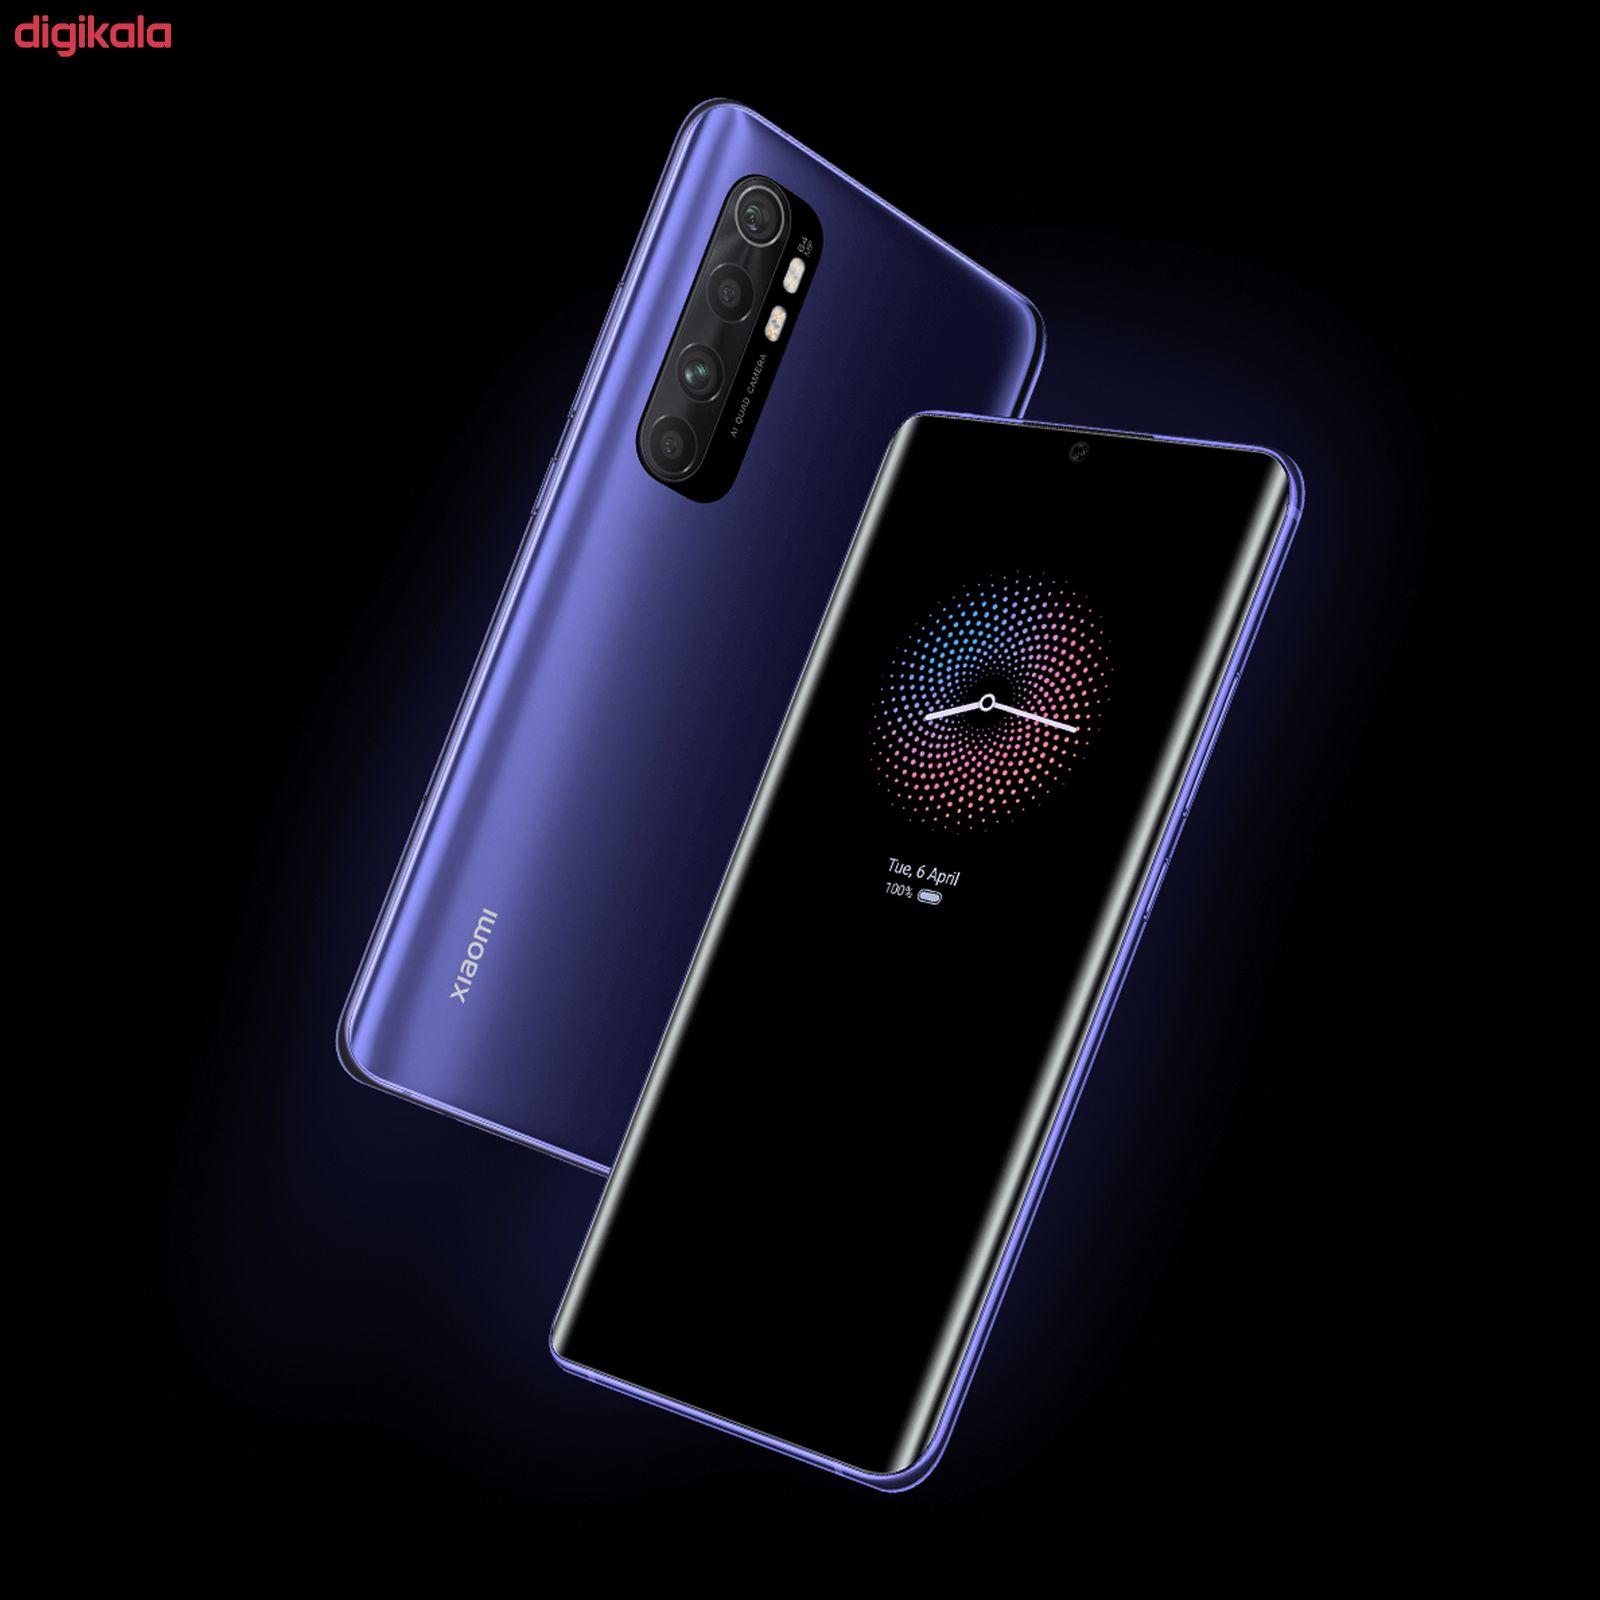 گوشی موبایل شیائومی مدل Mi Note 10 Lite M2002F4LG دو سیم کارت ظرفیت 128 گیگابایت main 1 10